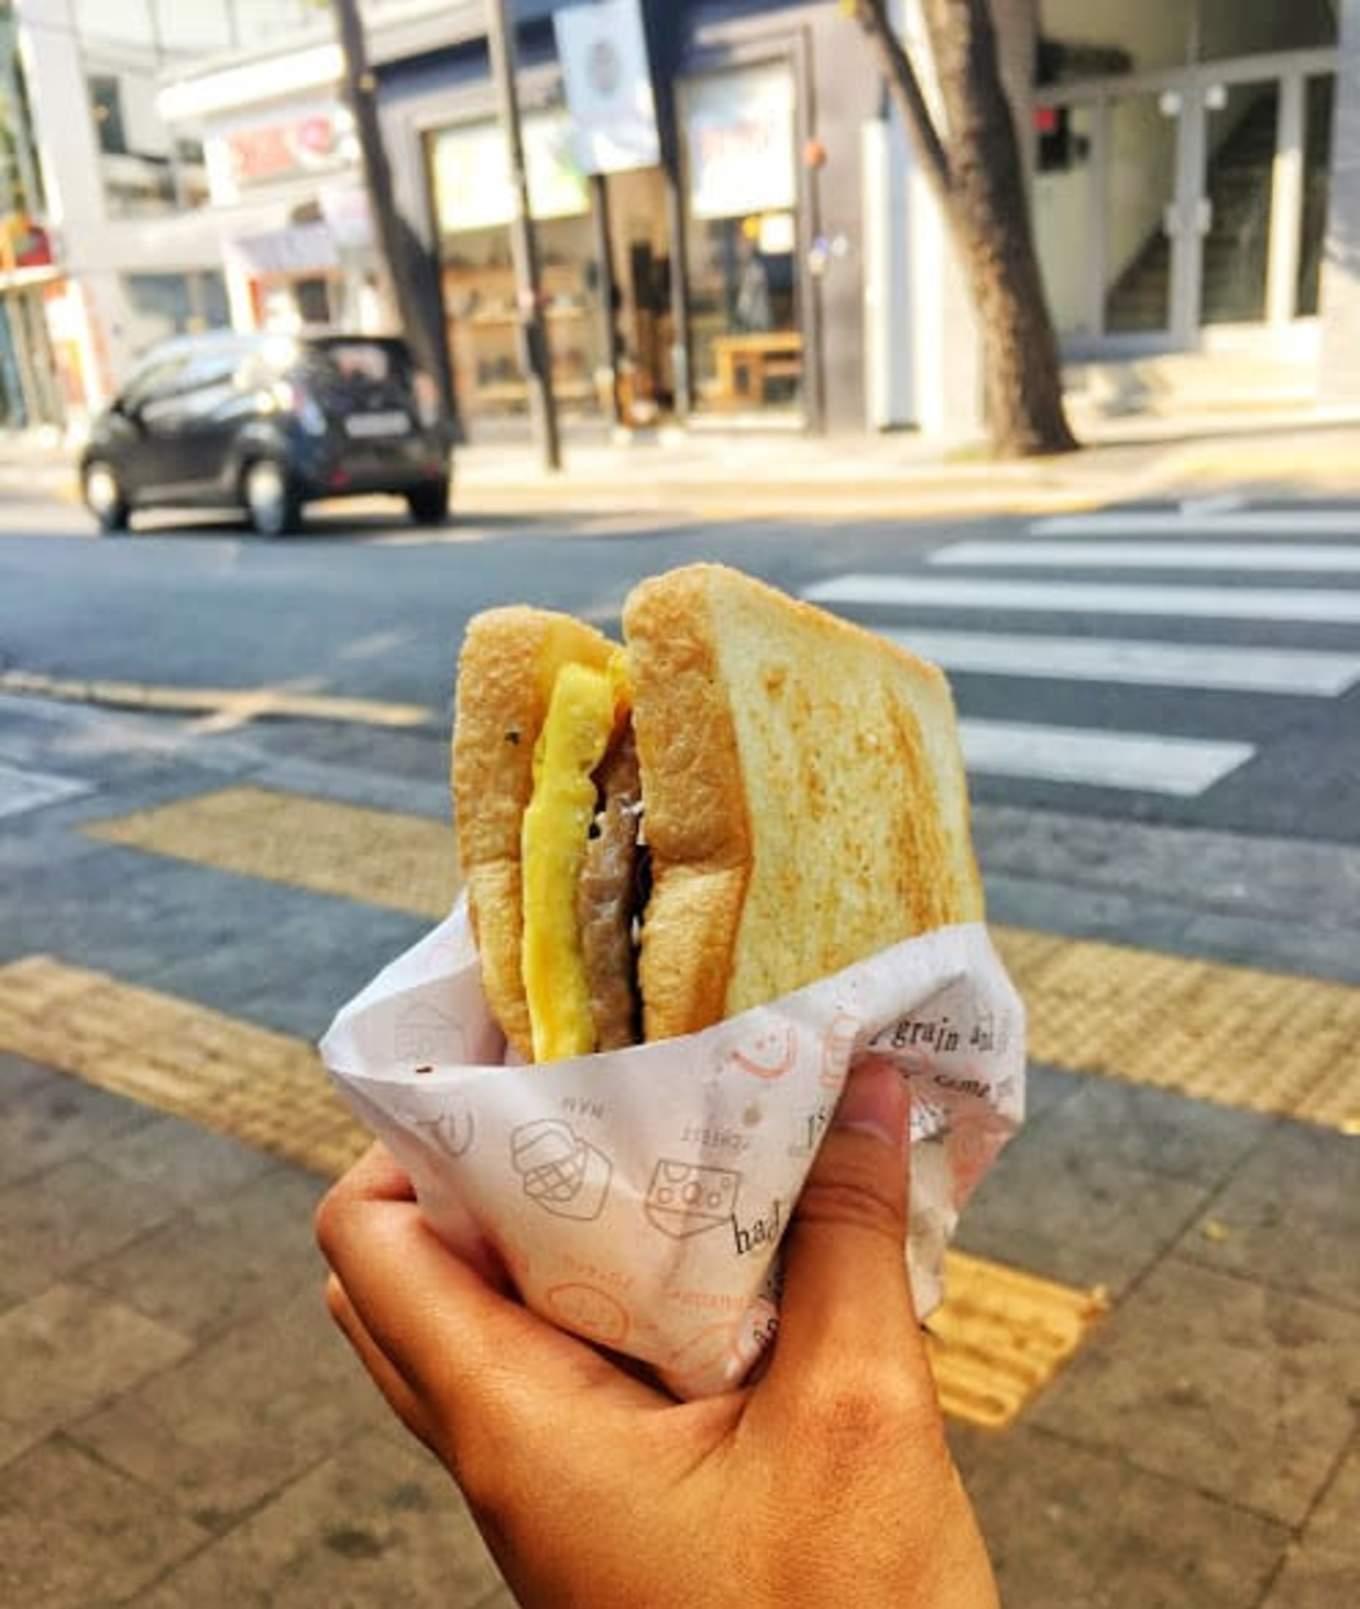 bánh kẹp isaac là một trong những món phải thử ở nền ẩm thực seoul